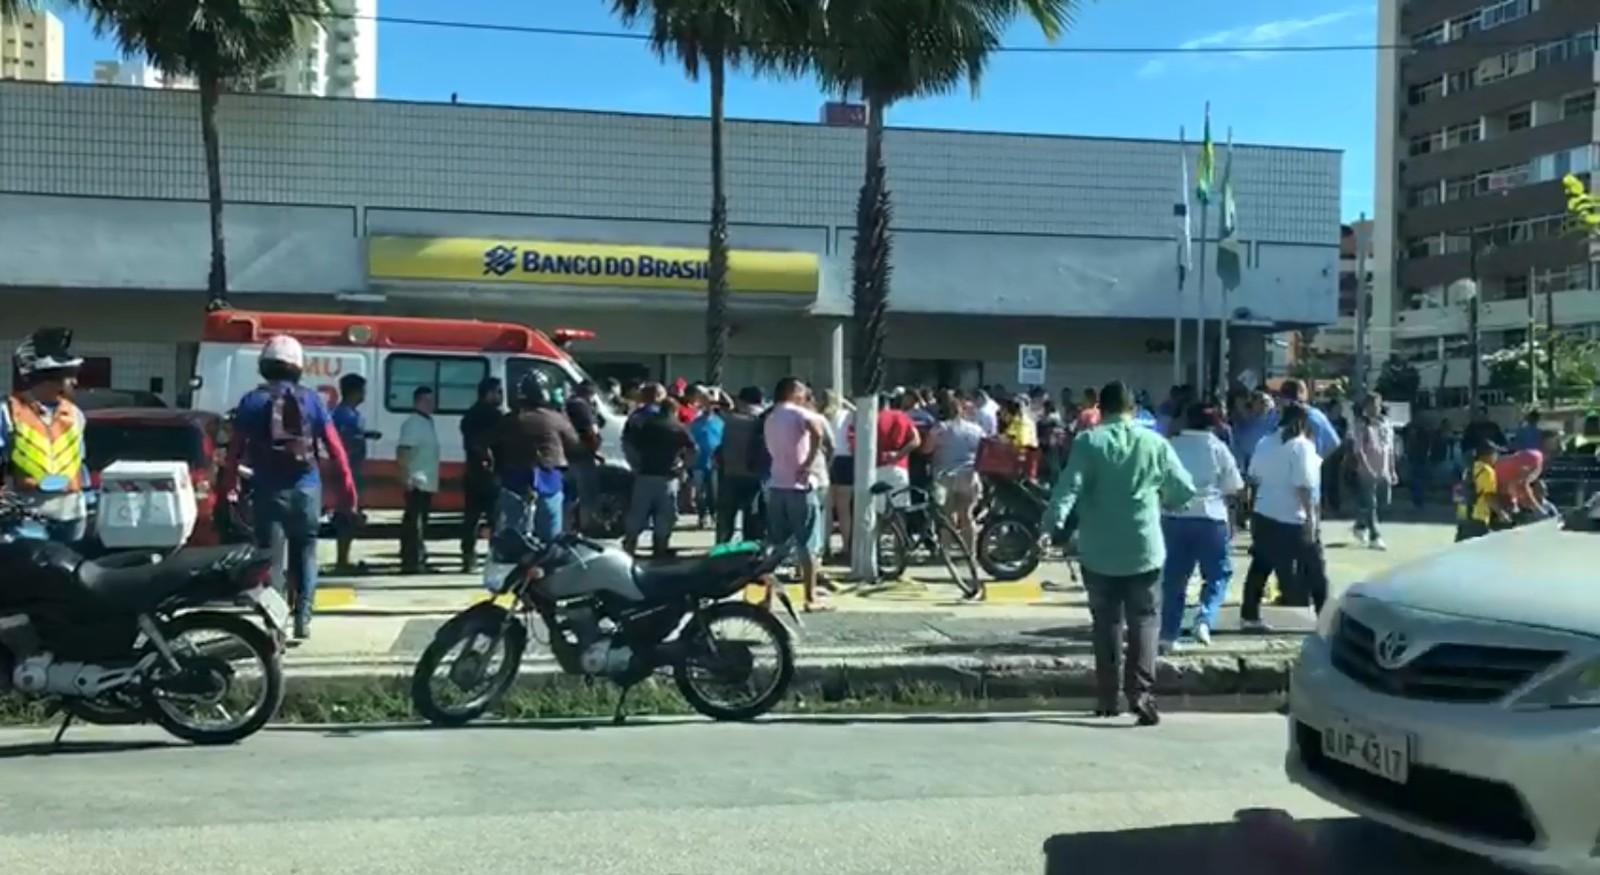 d4f6a7e4ce1 Diretor do Fortaleza morre baleado em frente a banco na Avenida Santos  Dumont